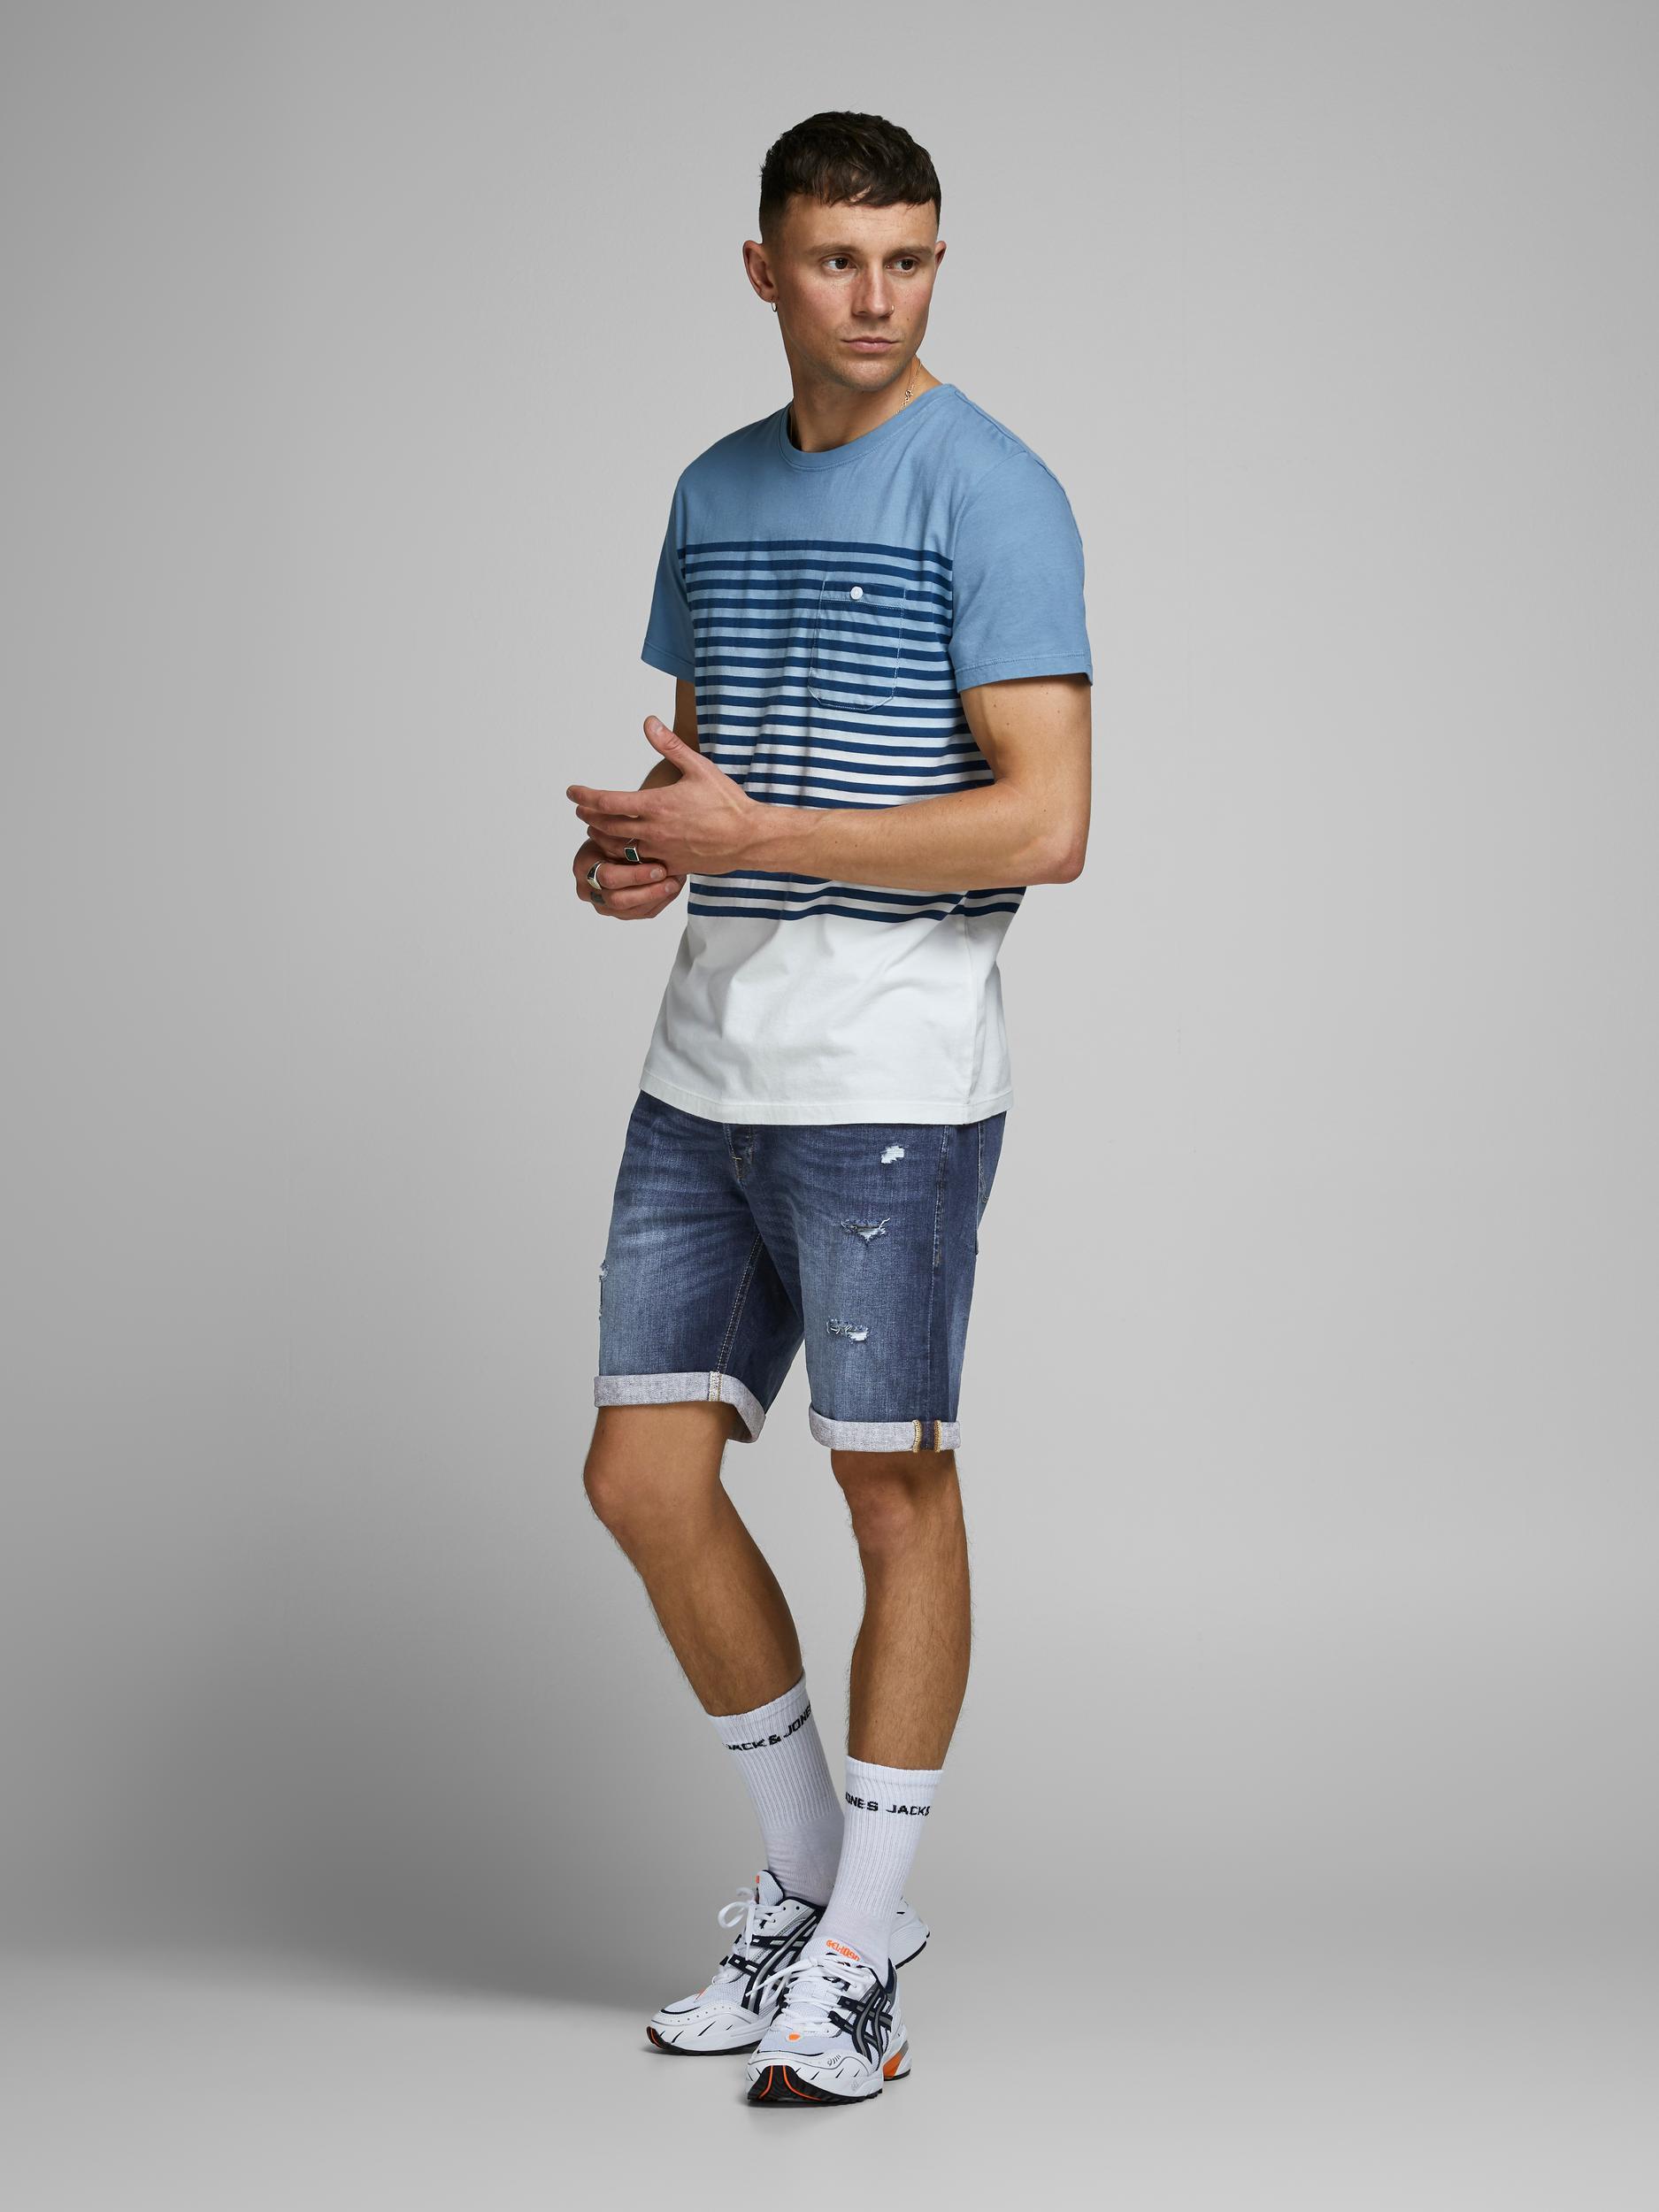 JJIRICK JJORIGINAL SHORTS AGI 006 JACK&JONES | Shorts | 12166864BLUE DENIM